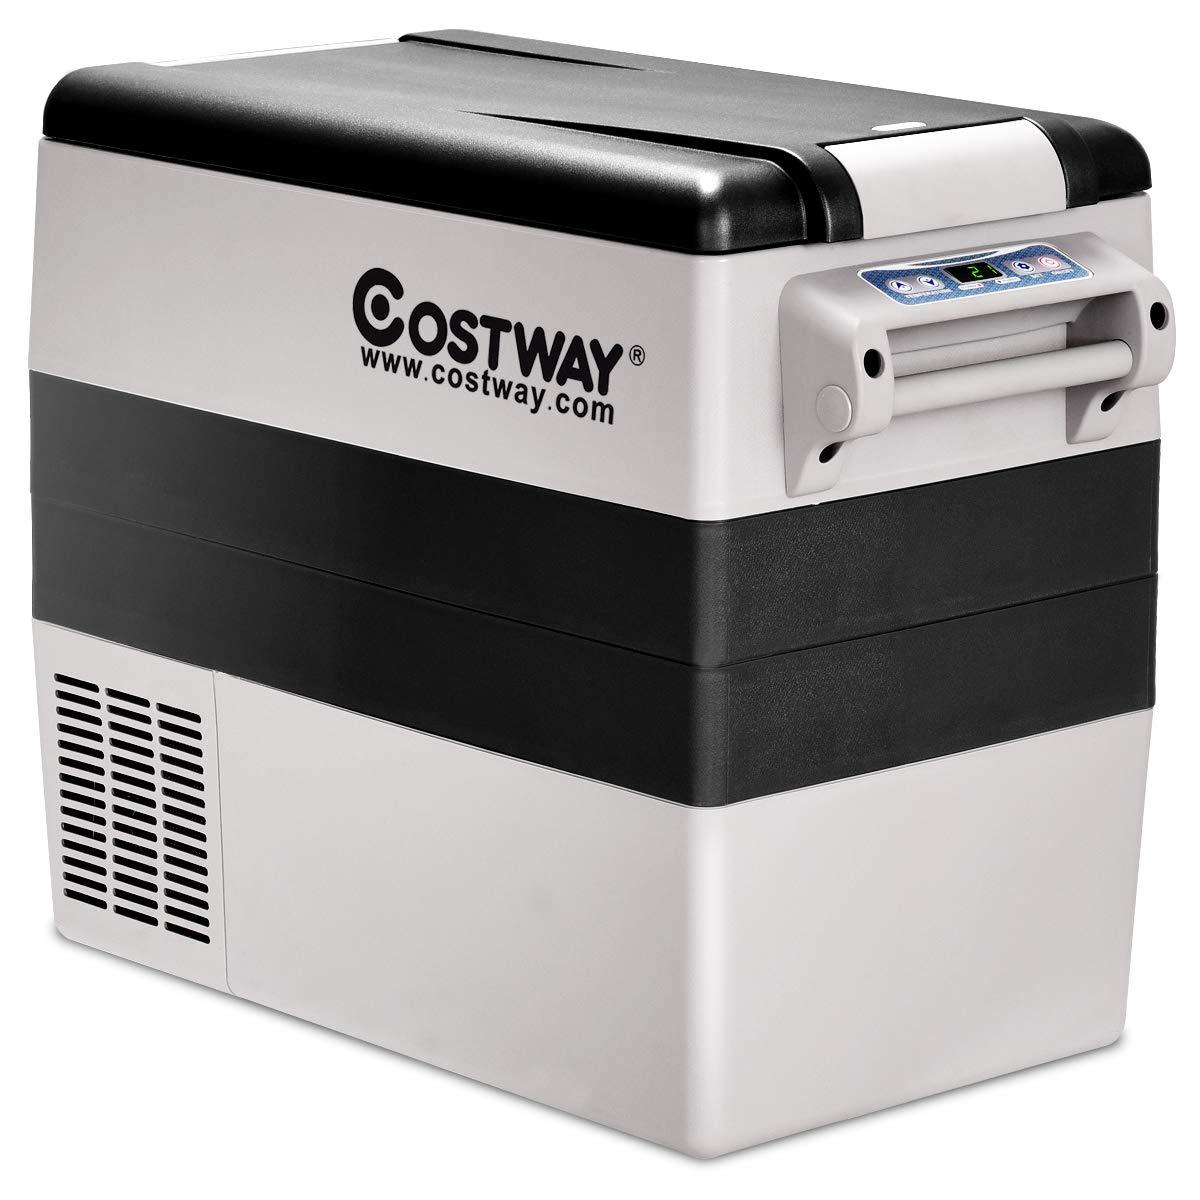 Costway Portable Refrigerator